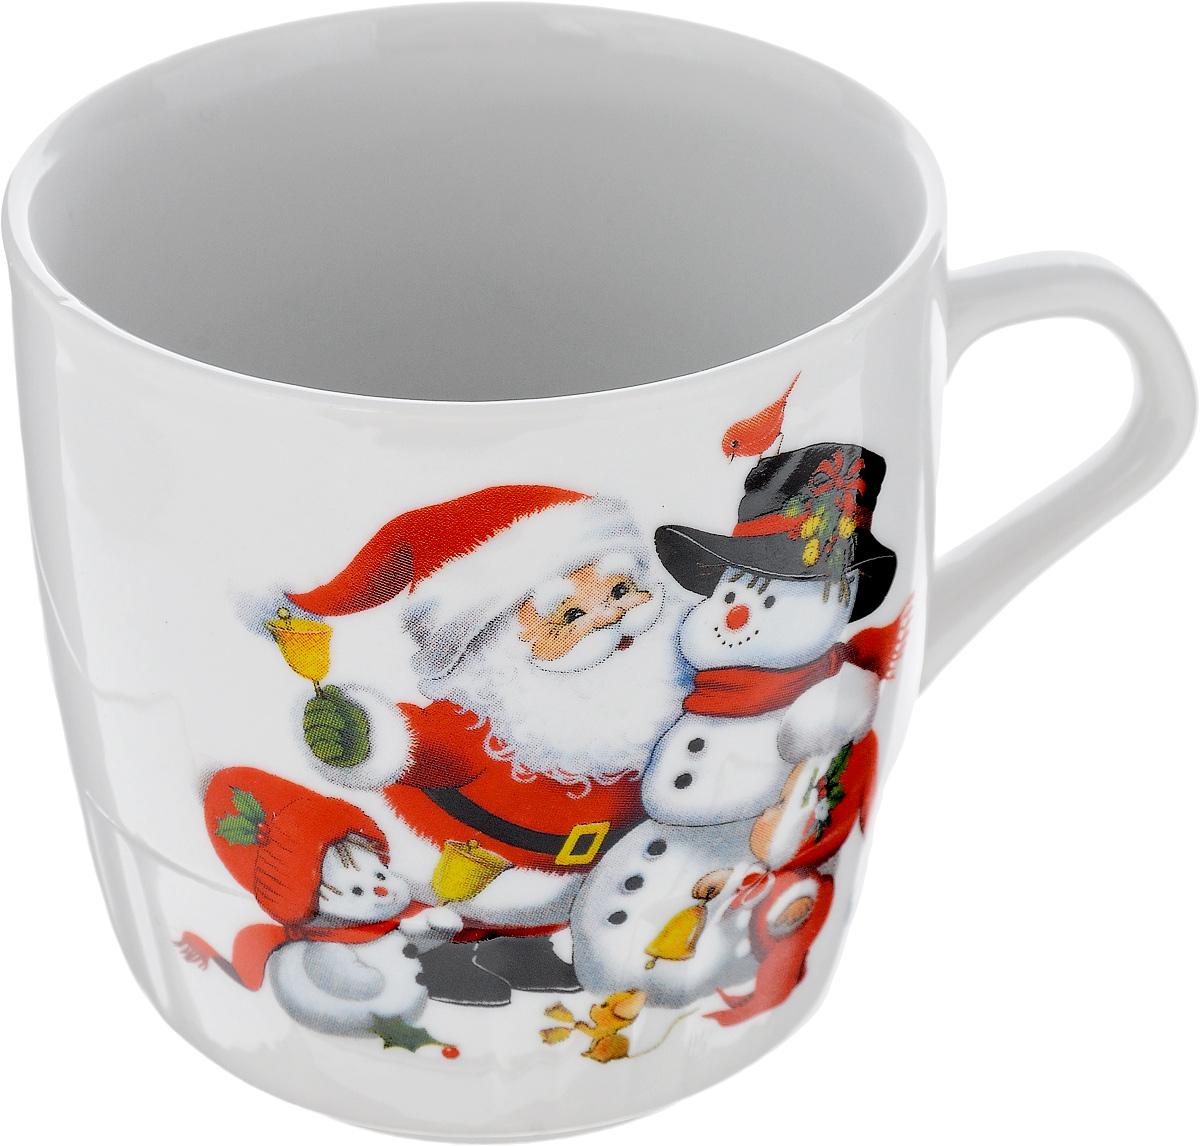 Кружка Фарфор Вербилок Дед Мороз, 250 мл54 009312Кружка Фарфор Вербилок Дед Мороз способна скрасить любое чаепитие. Изделие выполнено из высококачественного фарфора. Посуда из такого материала позволяет сохранить истинный вкус напитка, а также помогает ему дольше оставаться теплым.Диаметр кружки (по верхнему краю): 8 см.Высота кружки: 8,5 см.